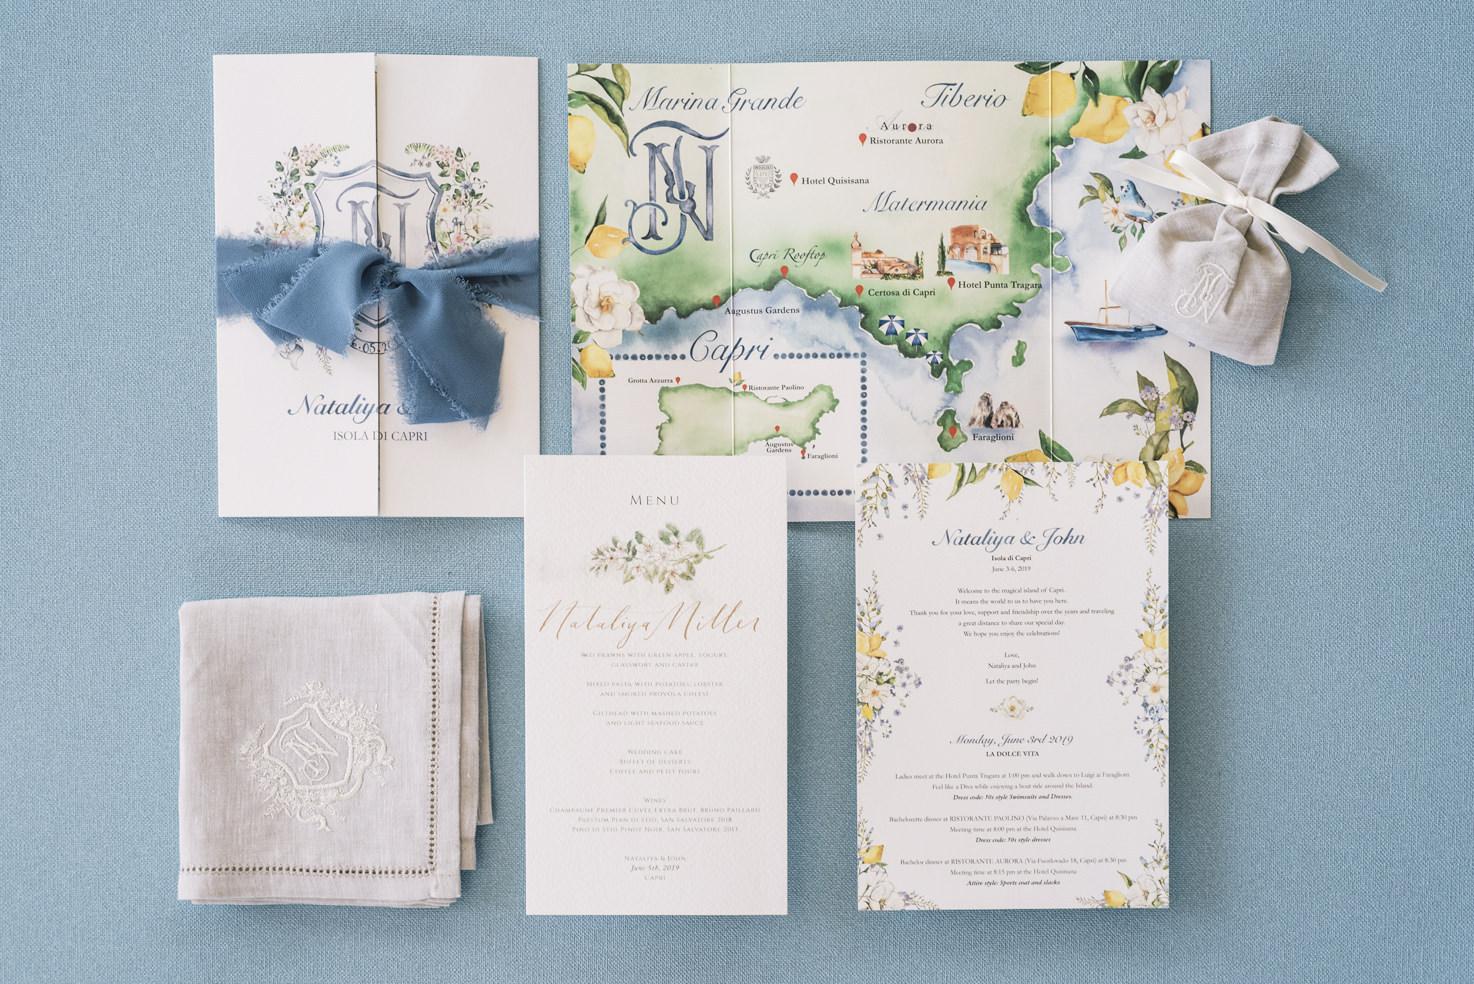 Wedding stationery for Italian wedding